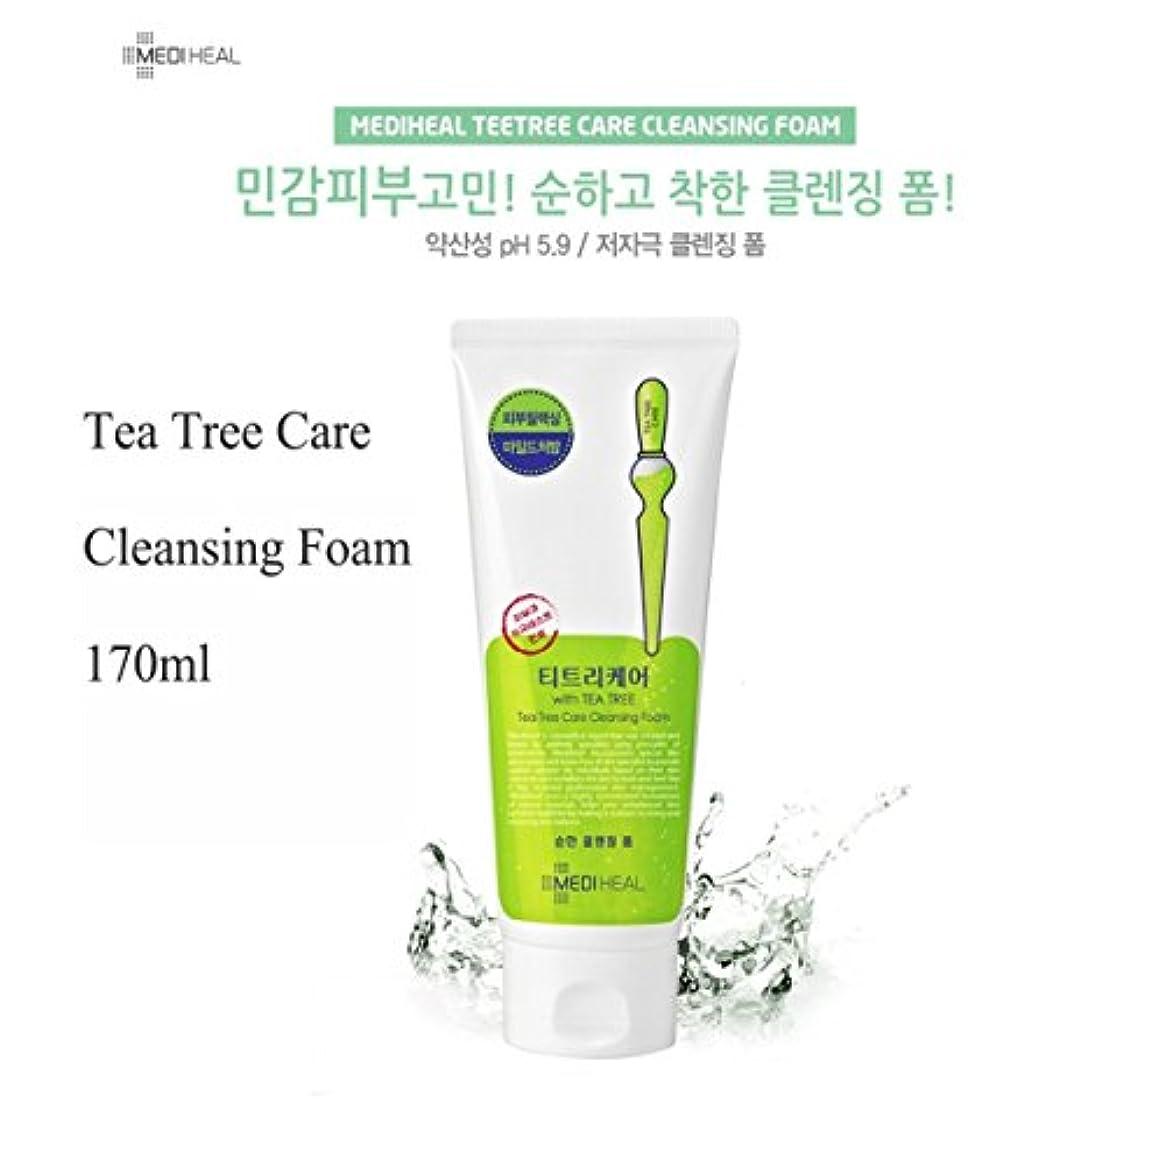 受け入れる品応じるMEDIHEAL Tea Tree Foam Cleansing 170ml/メディヒール ティー ツリー フォーム クレンジング 170ml